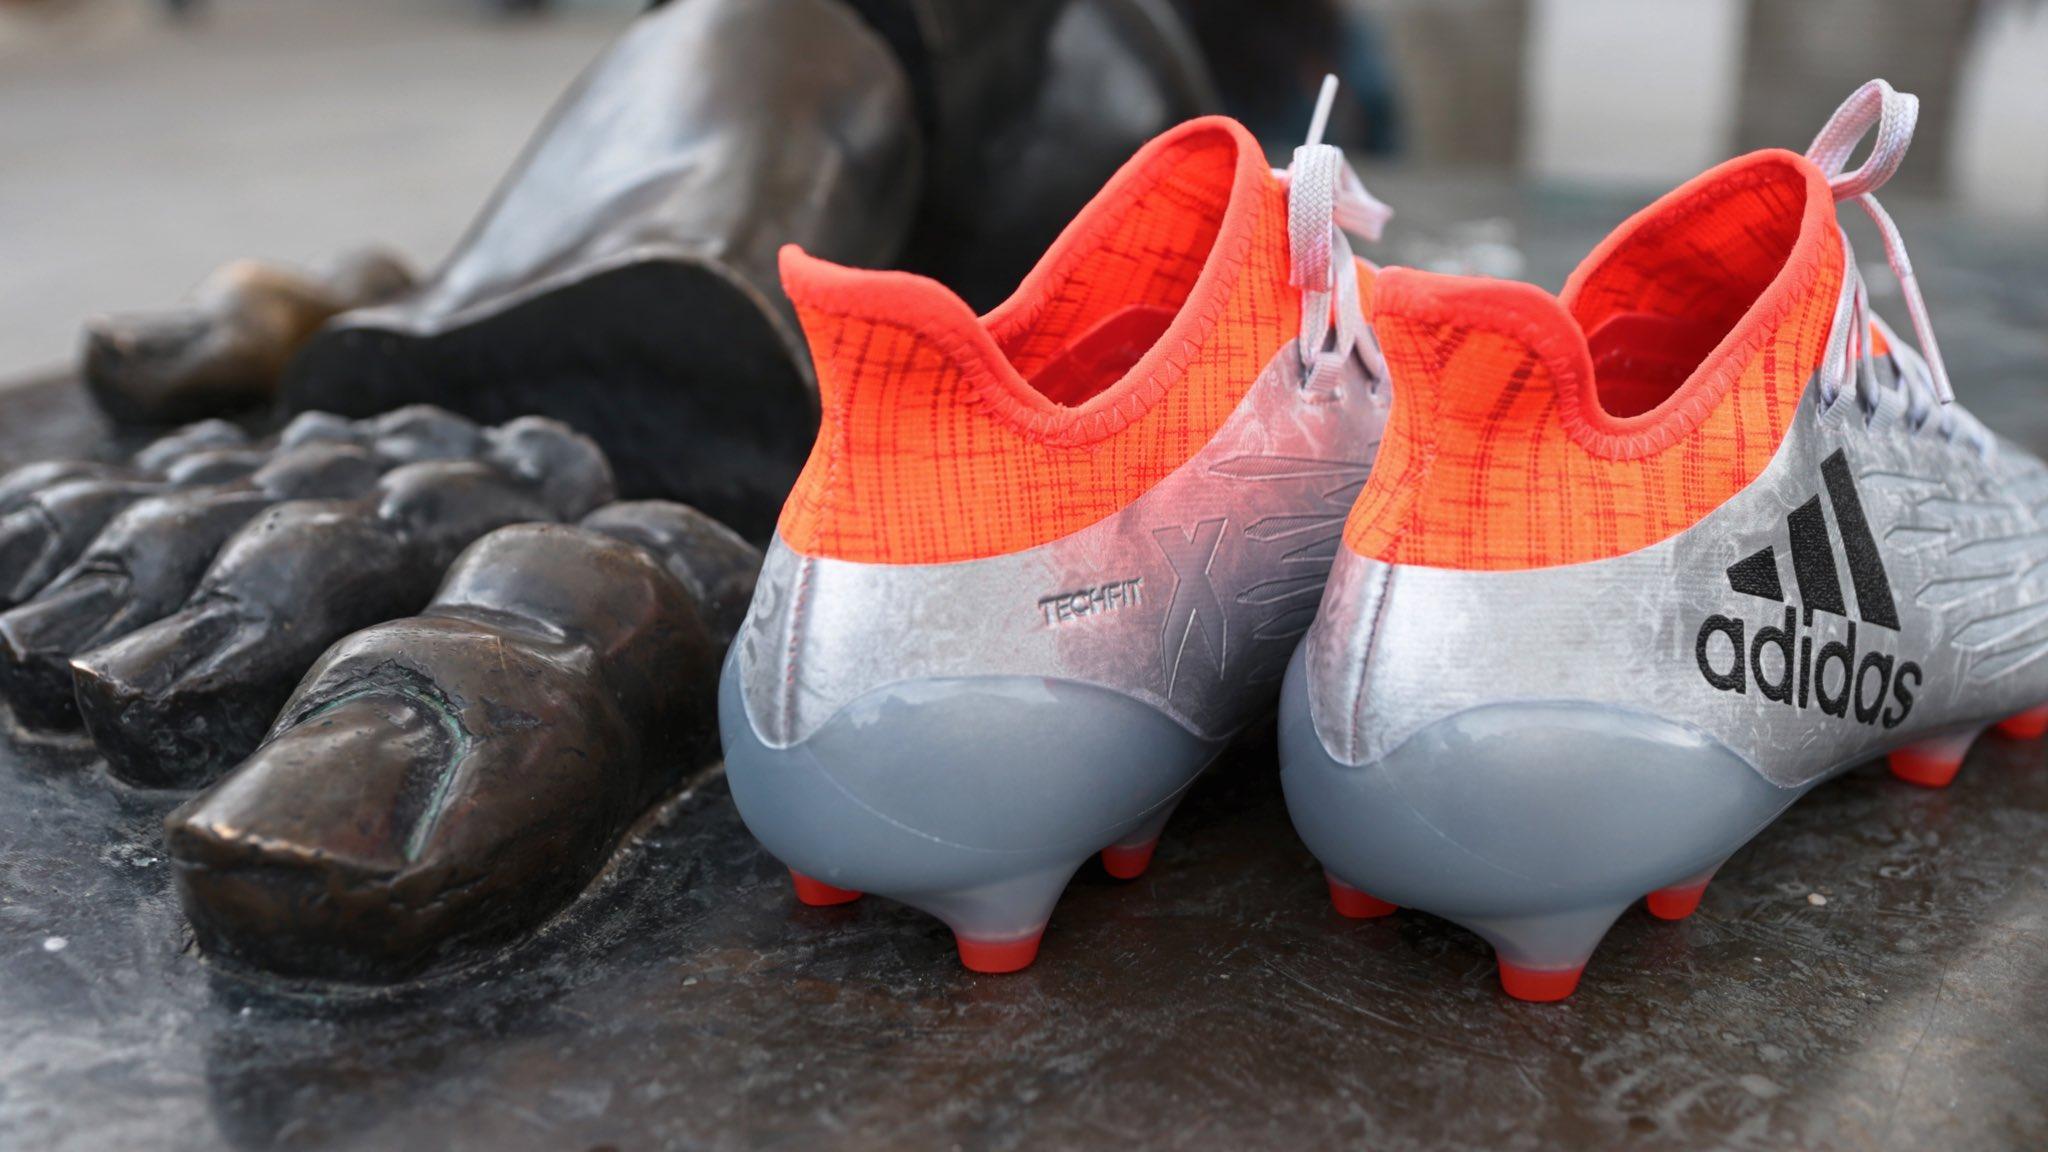 ¡Sé el primero en encontrar mis #X16 para #EURO2016! ¿Te atreves? Más pistas en @adidas_ES  #FirstNeverFollows https://t.co/CnQpHTKl7Q